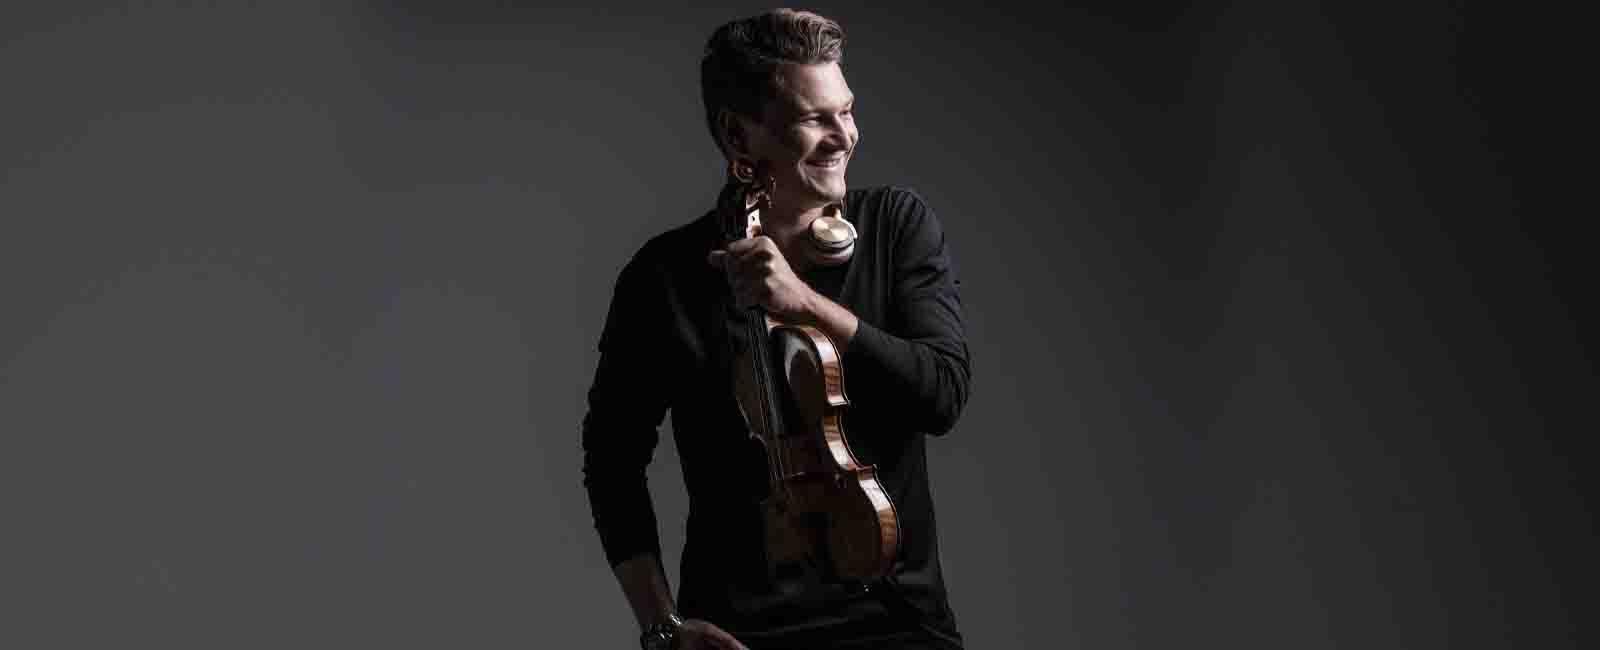 Alexandre Da Costa - Stradivarius intime